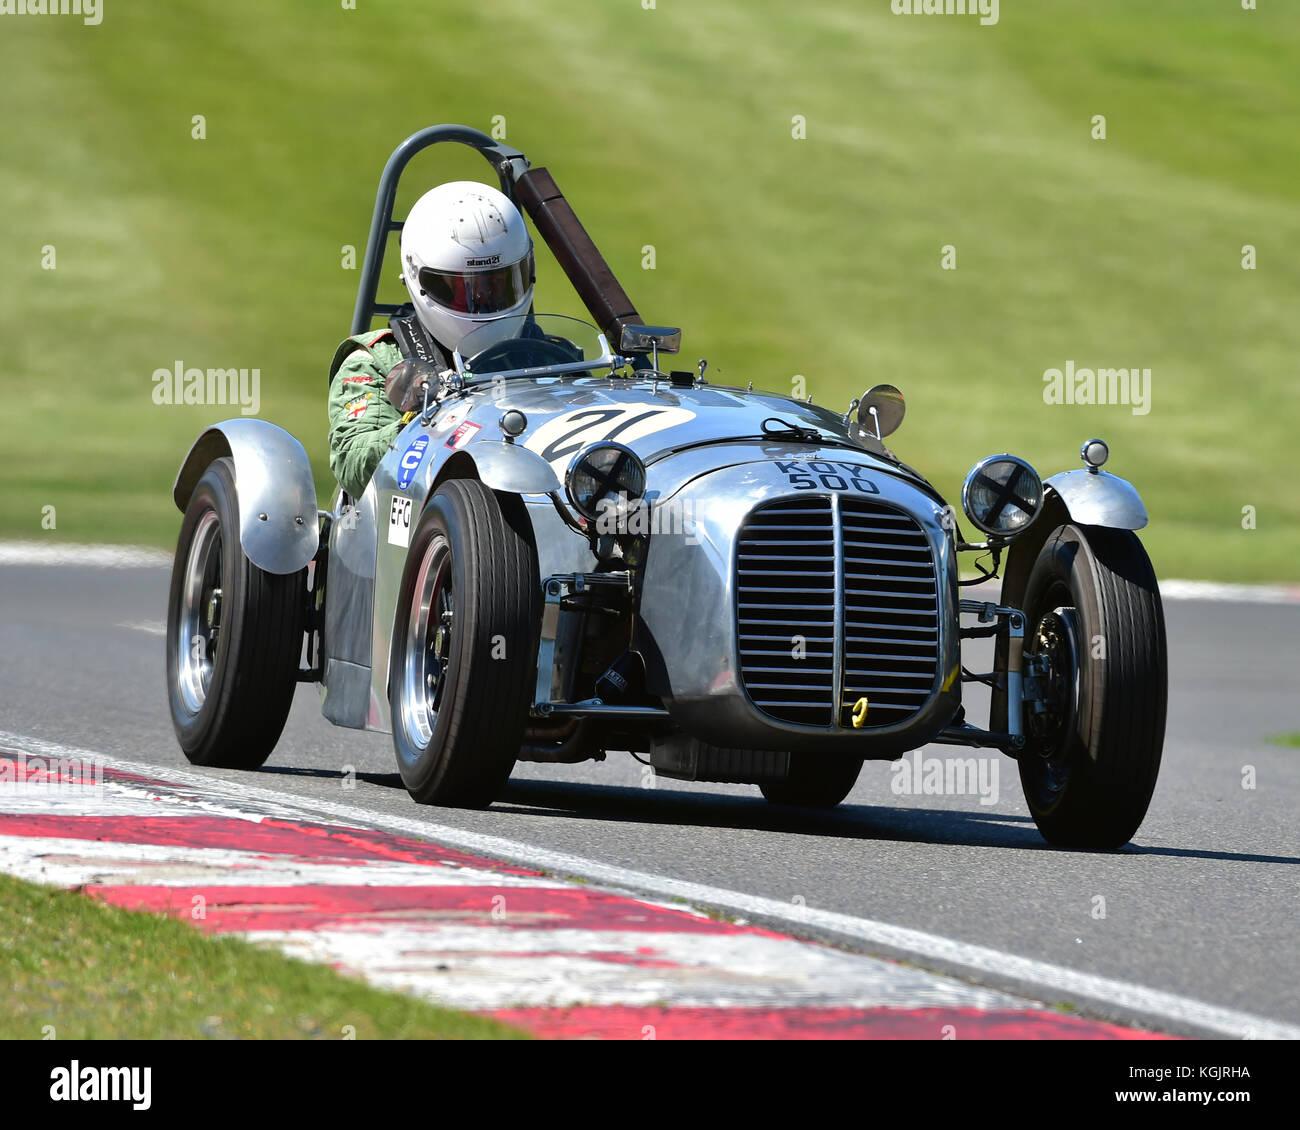 Post War Sports Racing Cars Stock Photos & Post War Sports Racing ...